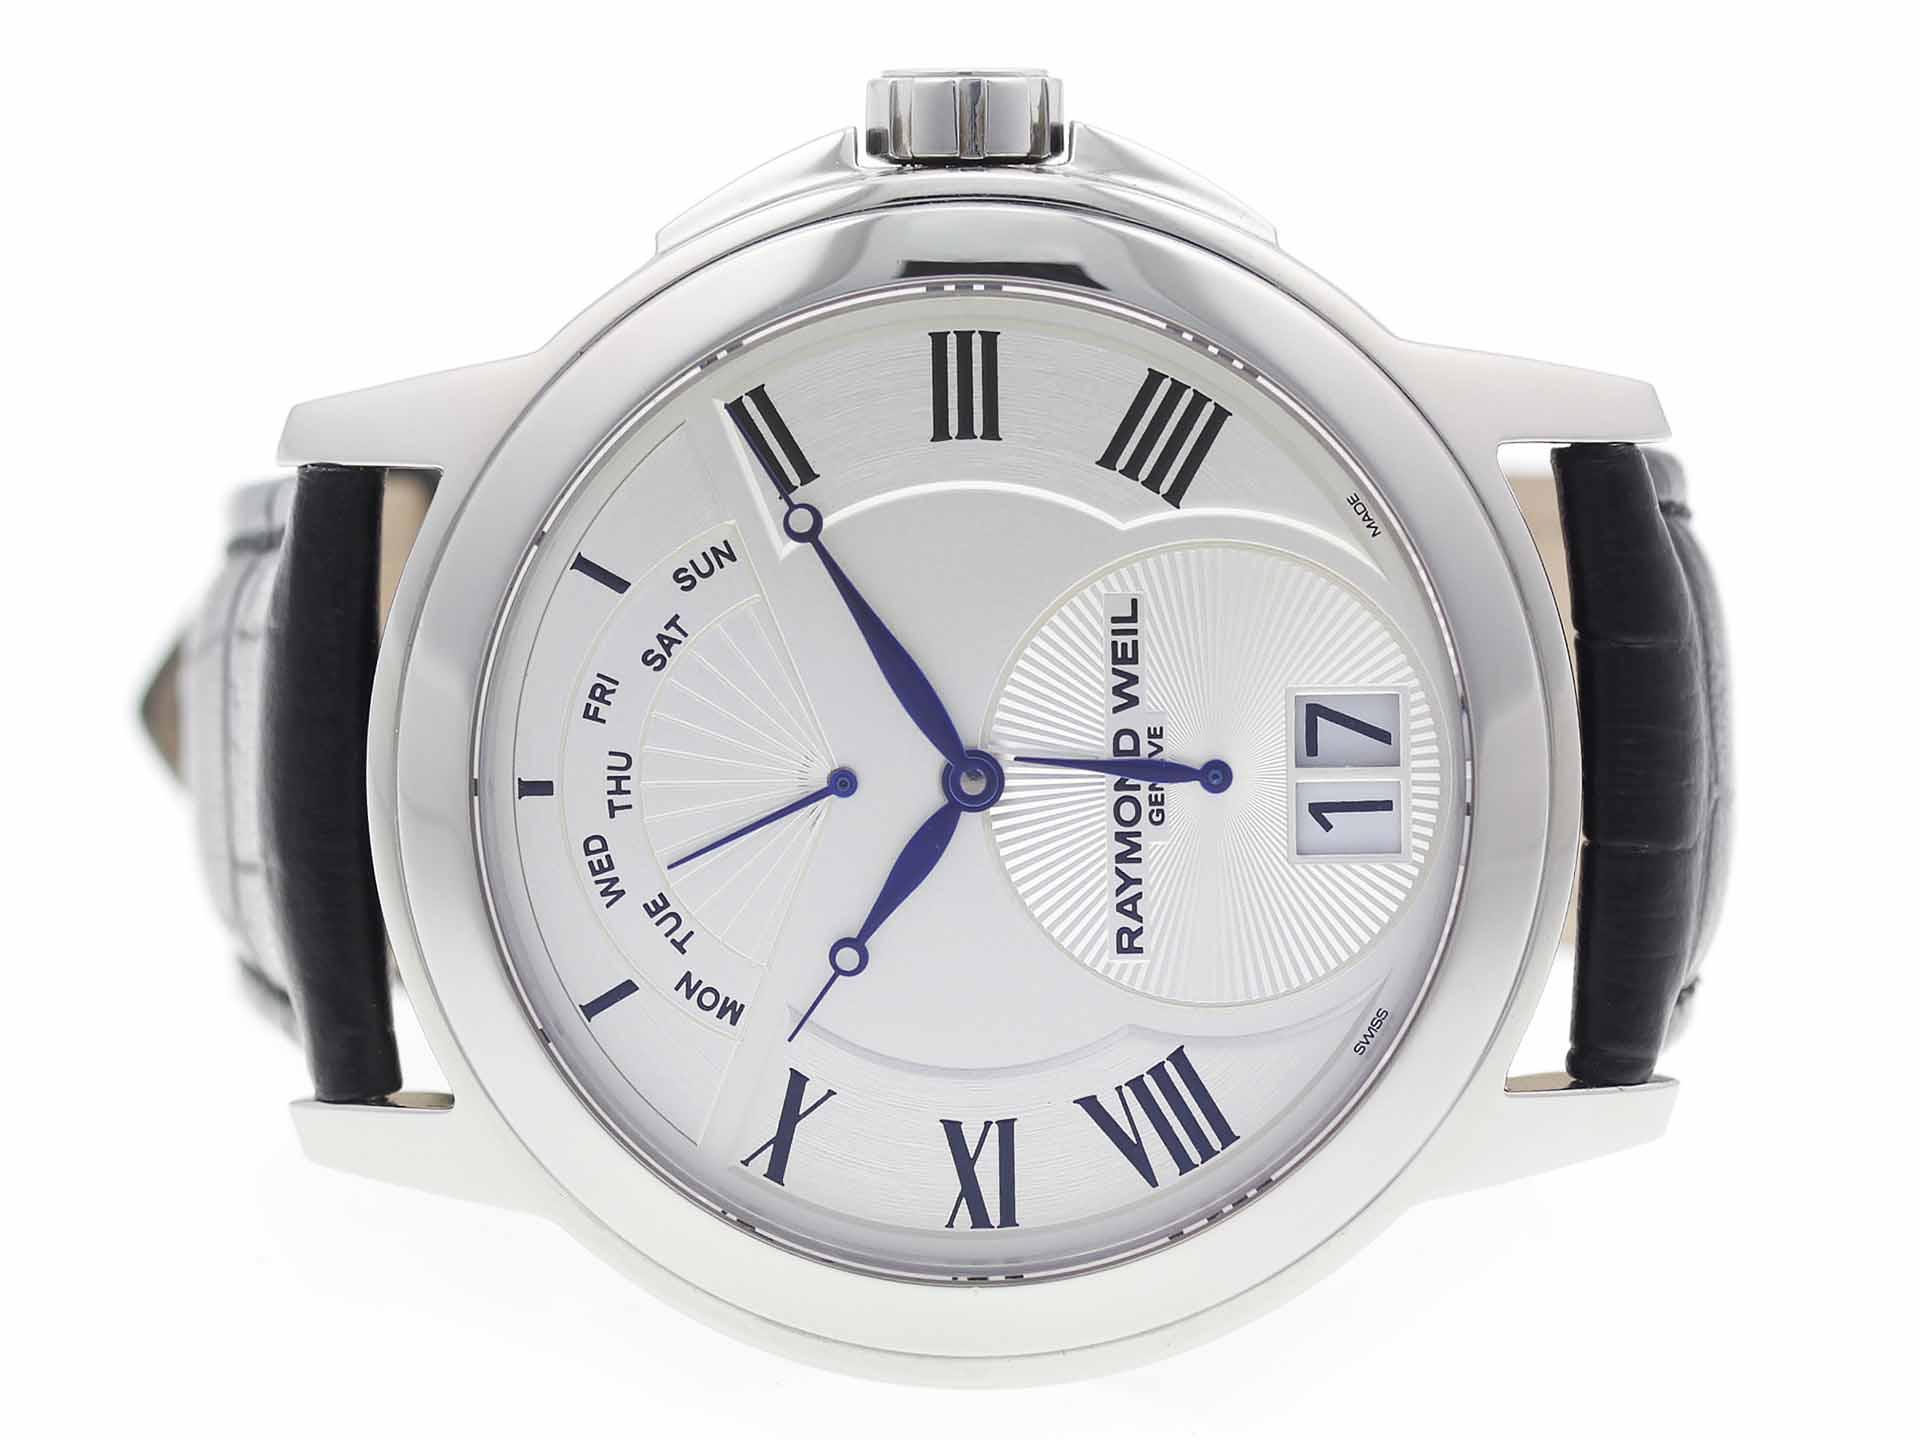 8815ce35 Raymond Weil – это бренд, который служит неоспоримым доказательством того,  что приобретение хорошо сконструированных точных швейцарских часов не ...